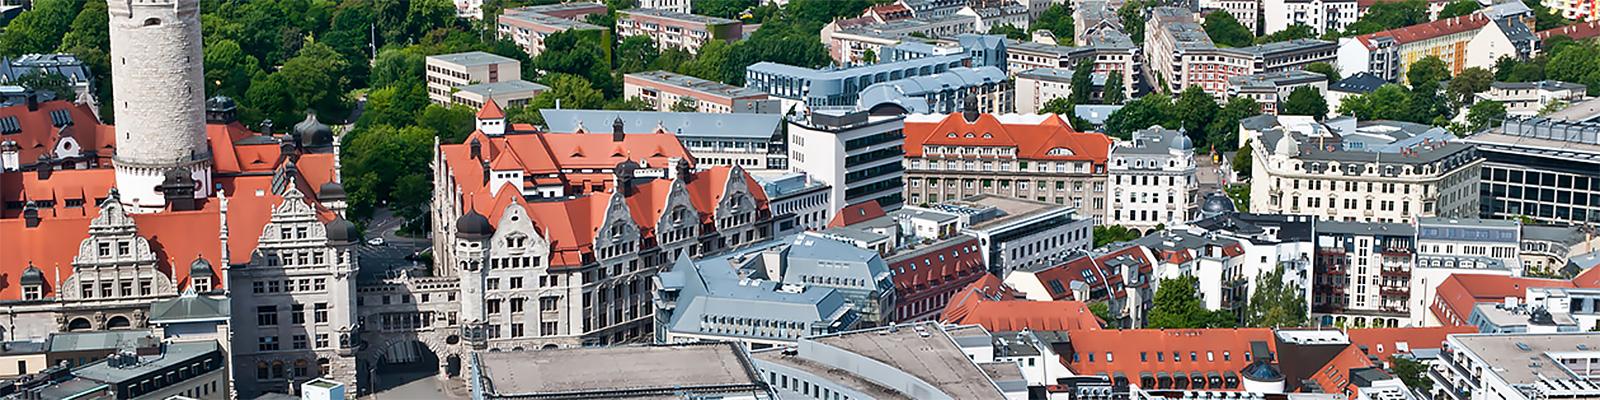 ドイツ ライプツィヒ イメージ